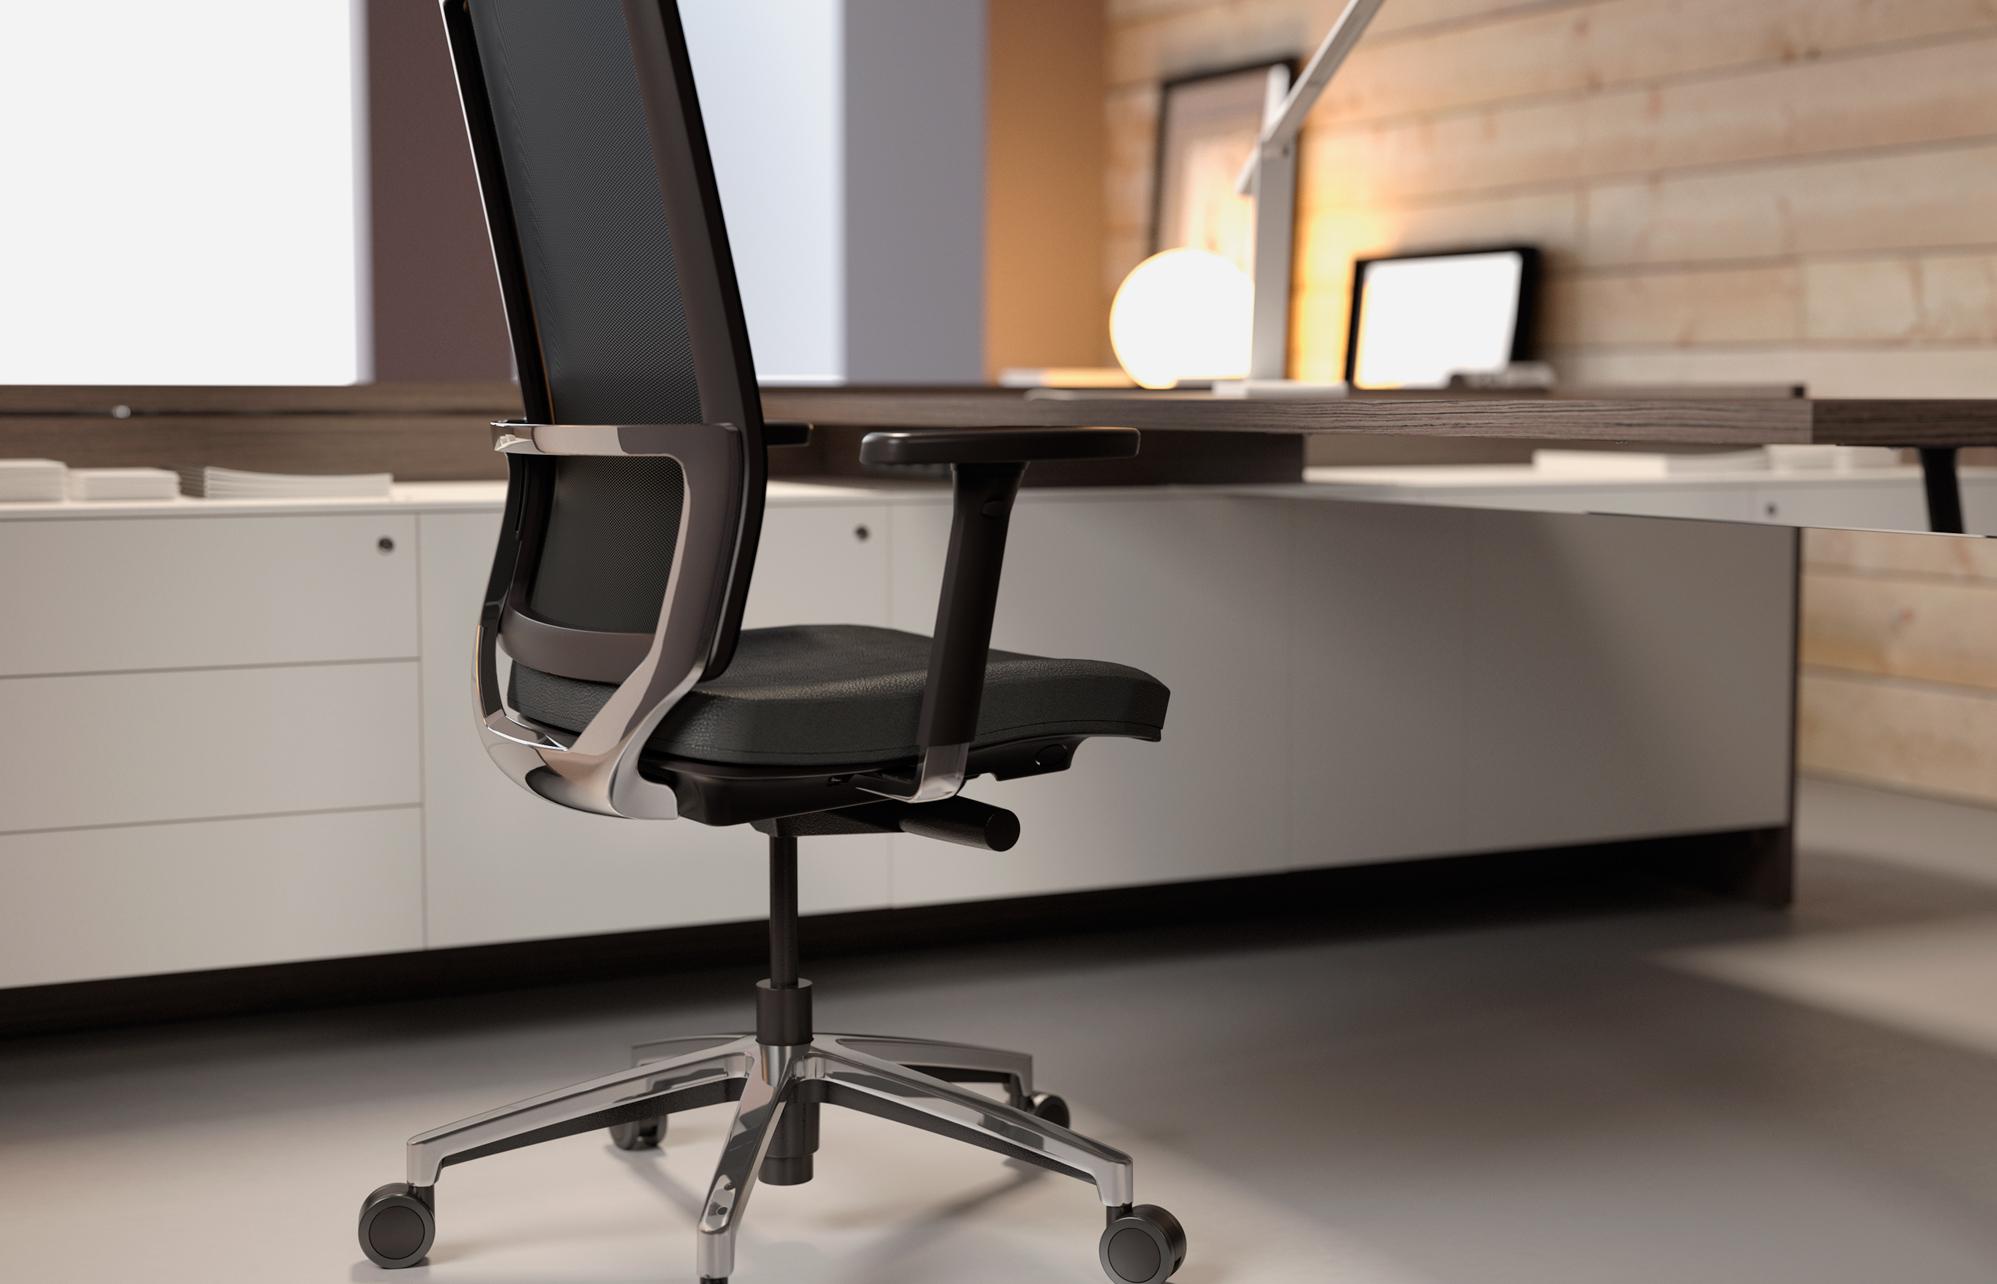 silla de oficina operativa 2k8 de forma 5 muebles syl